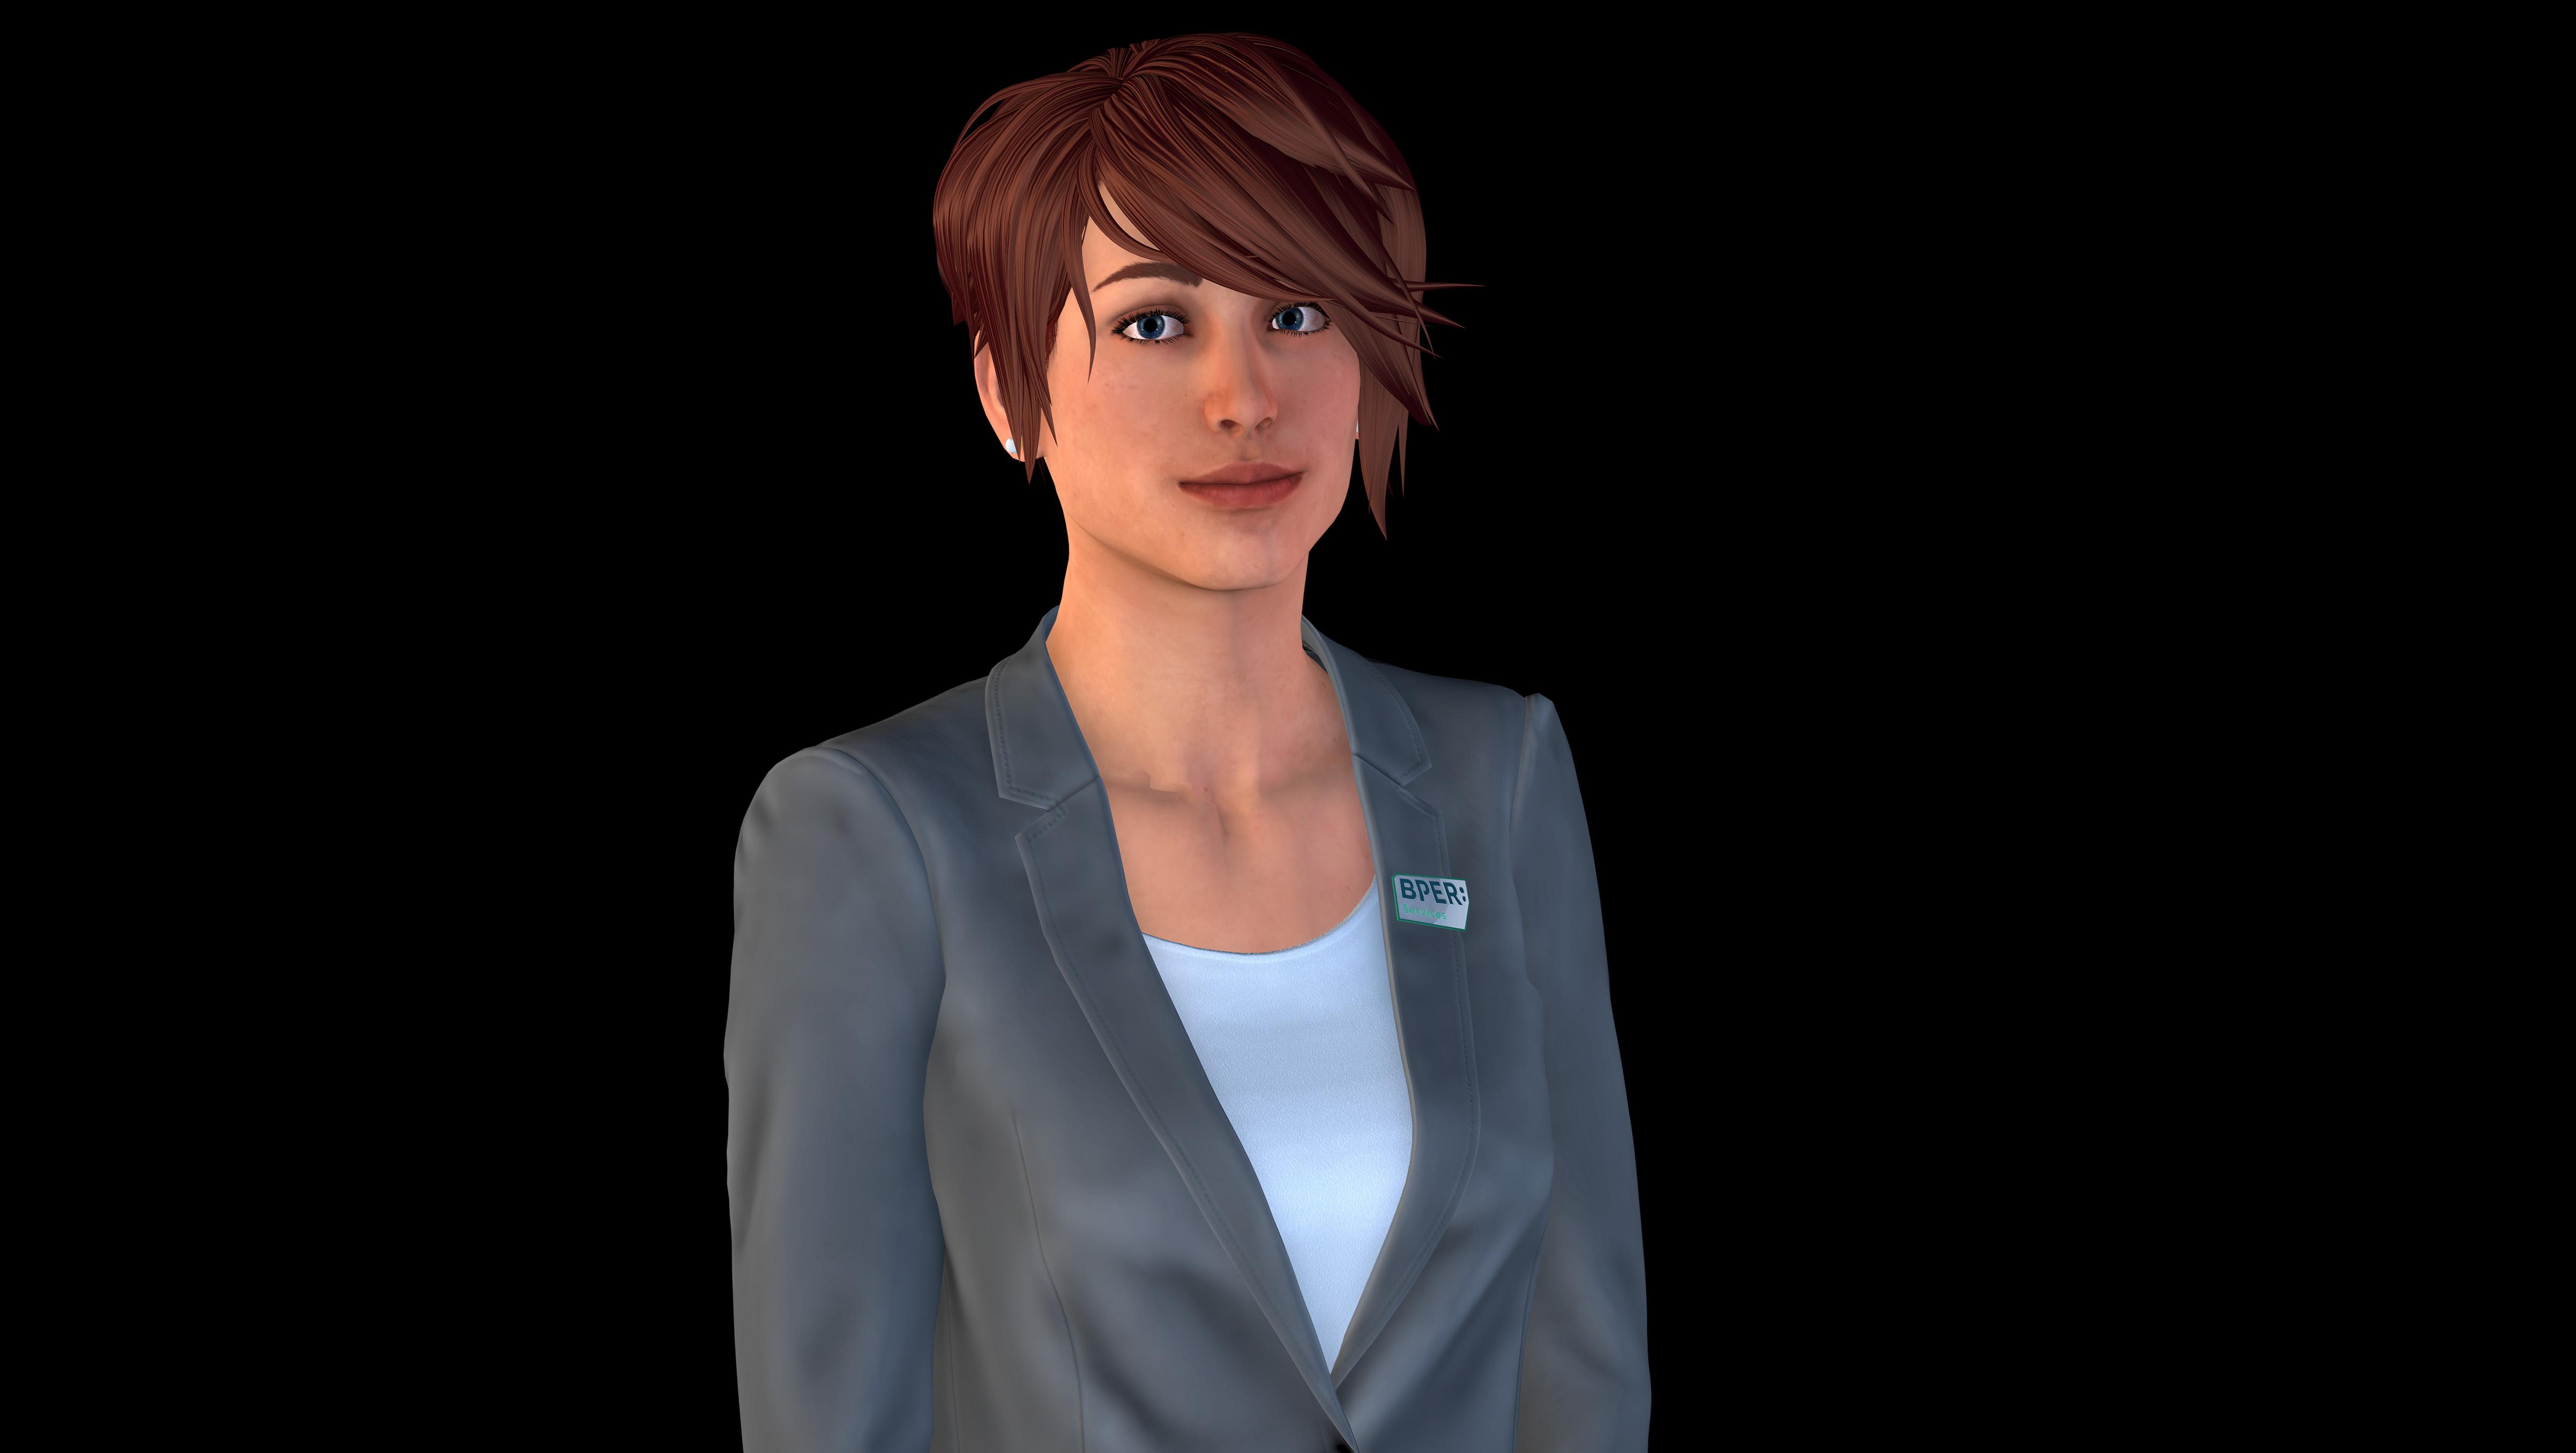 Arriva Valentina, l'umanoide empatico per migliorare la CX